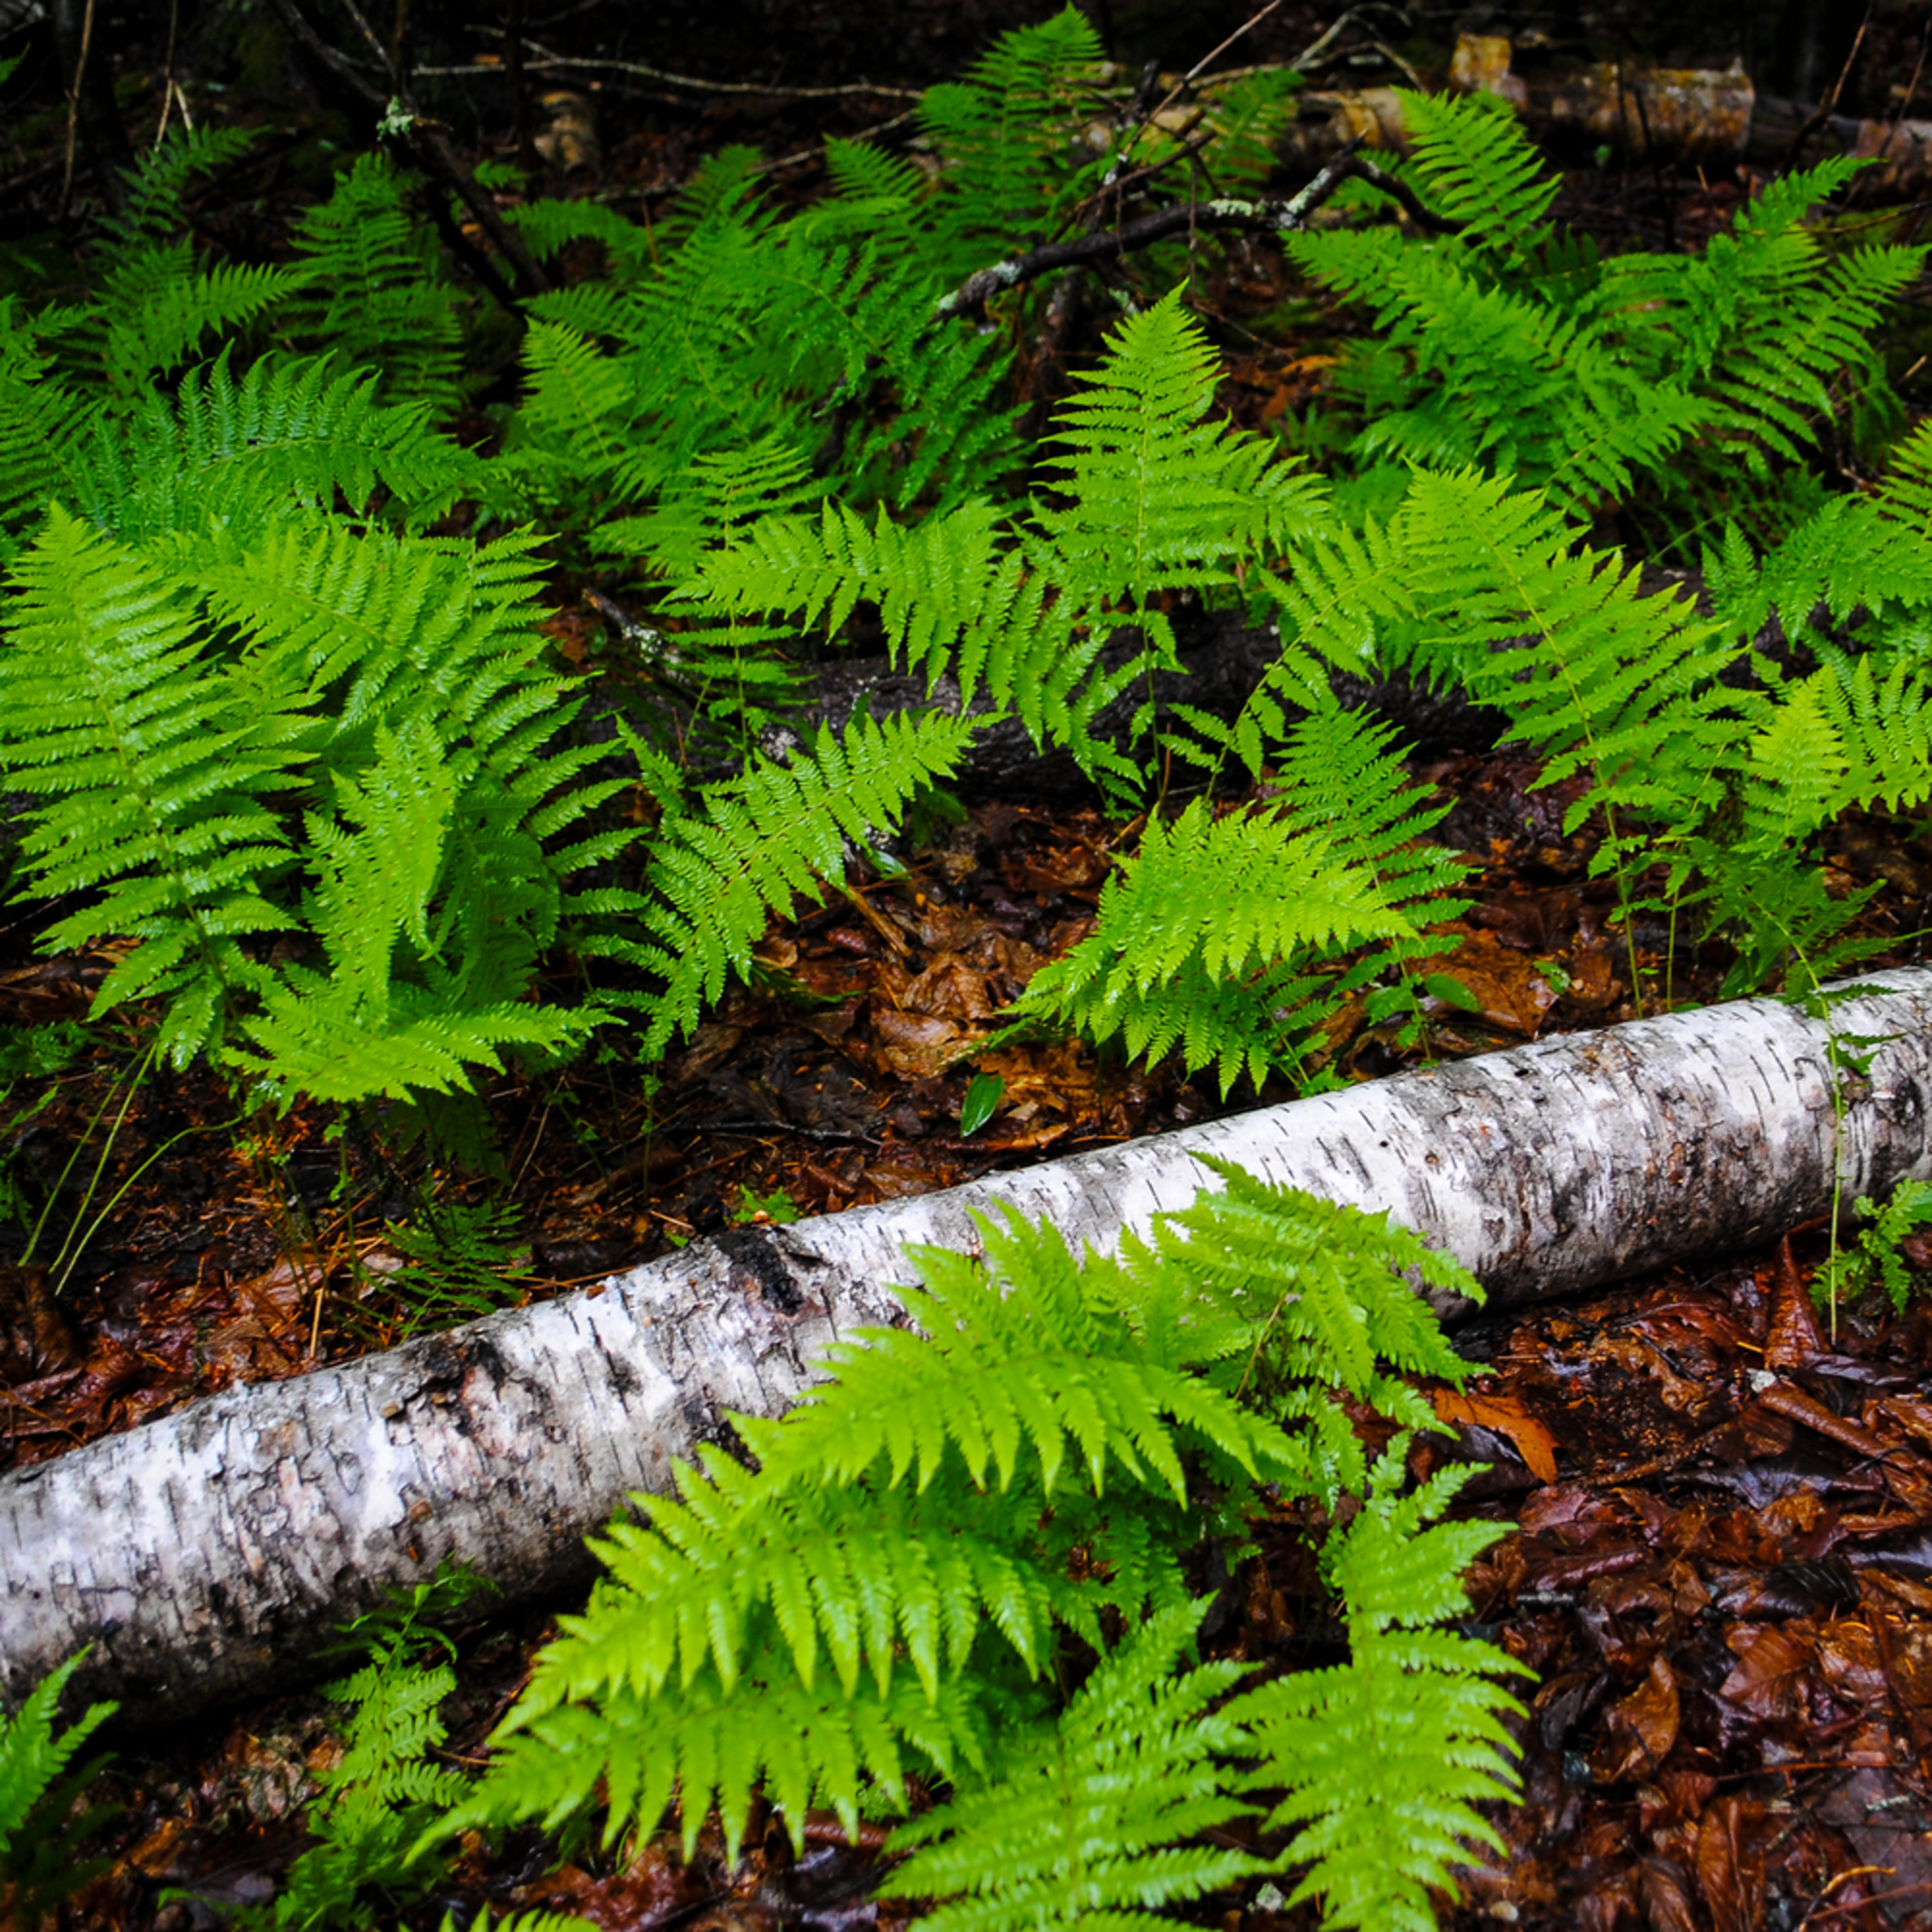 Fallen white birch among ferns d8hq9g